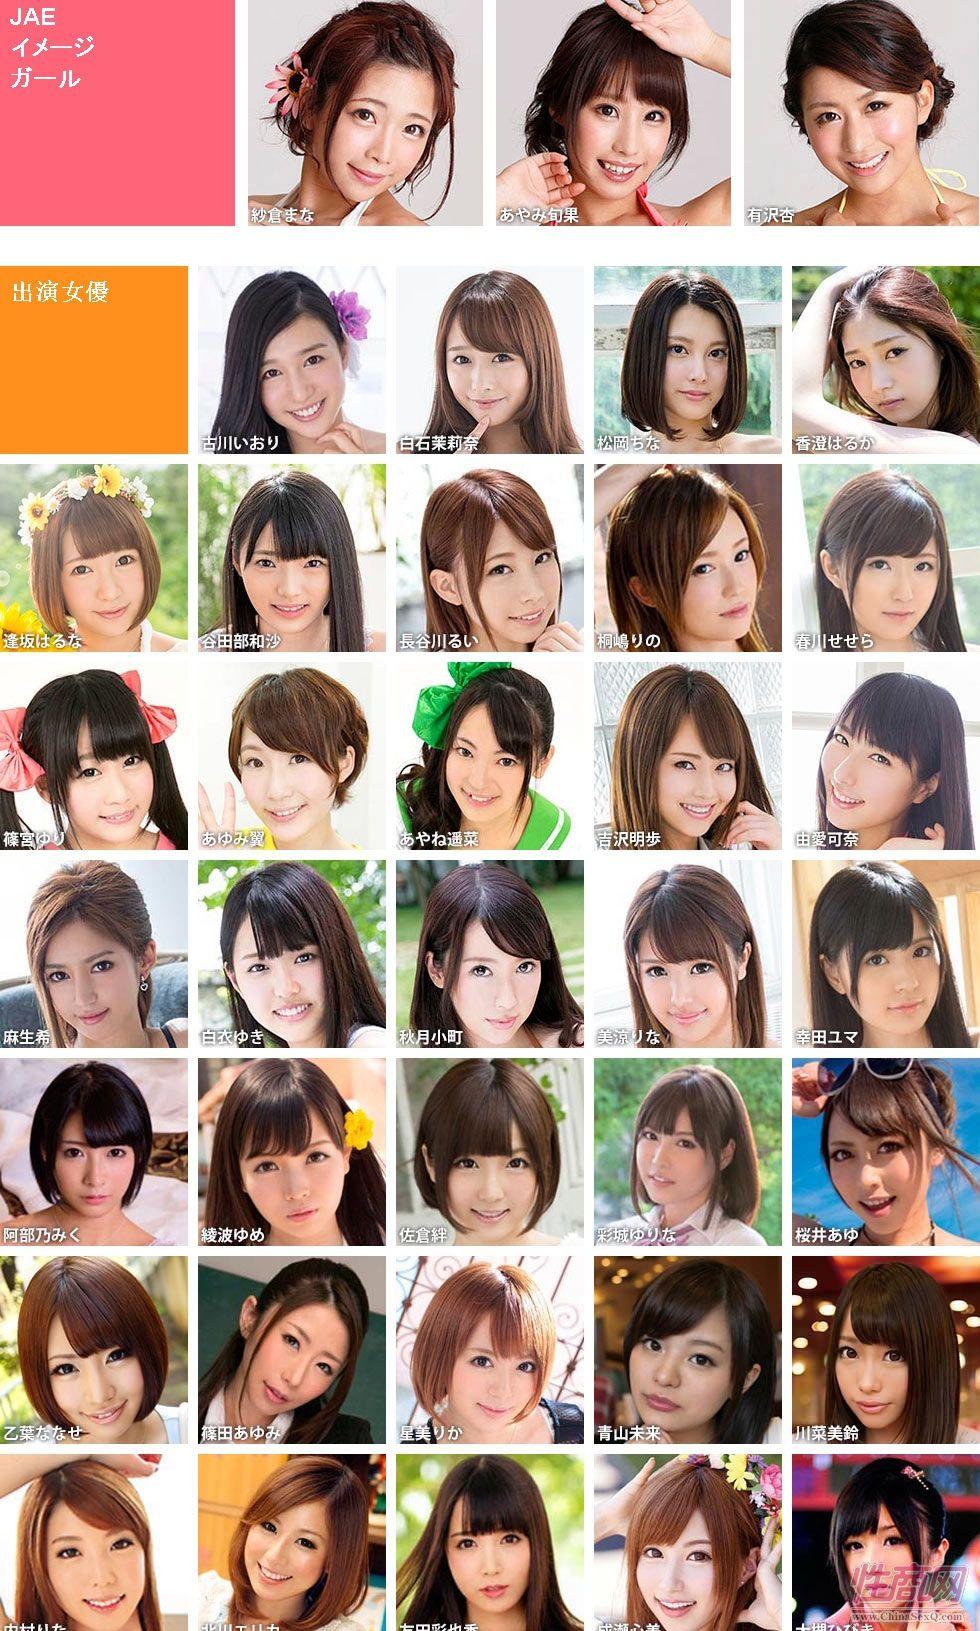 参加2015日本成人展的女优名单1